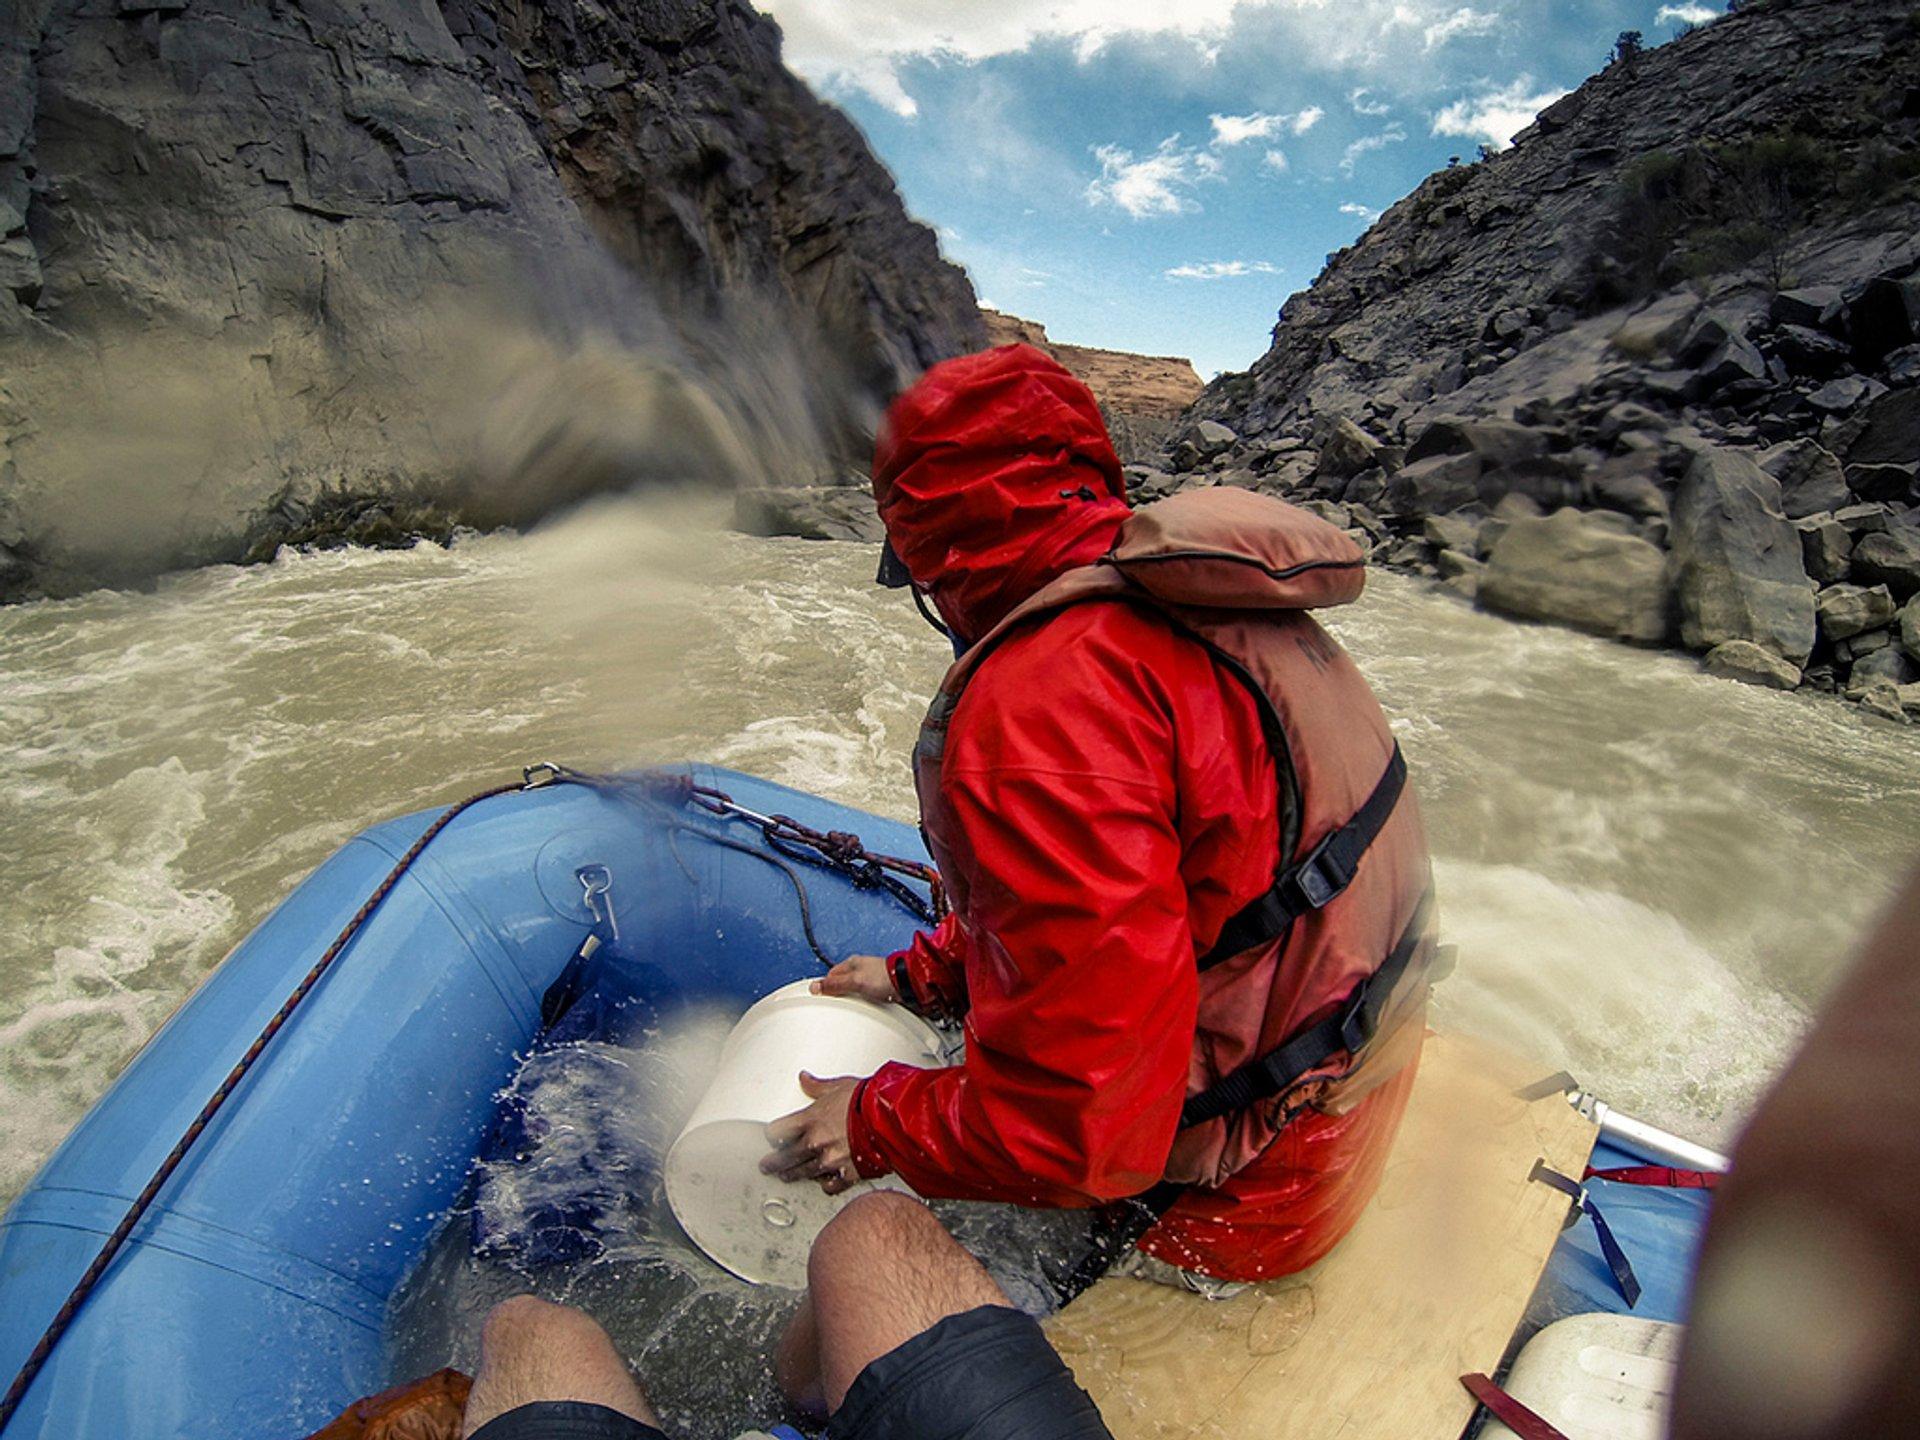 Rafting Season in Utah - Best Time